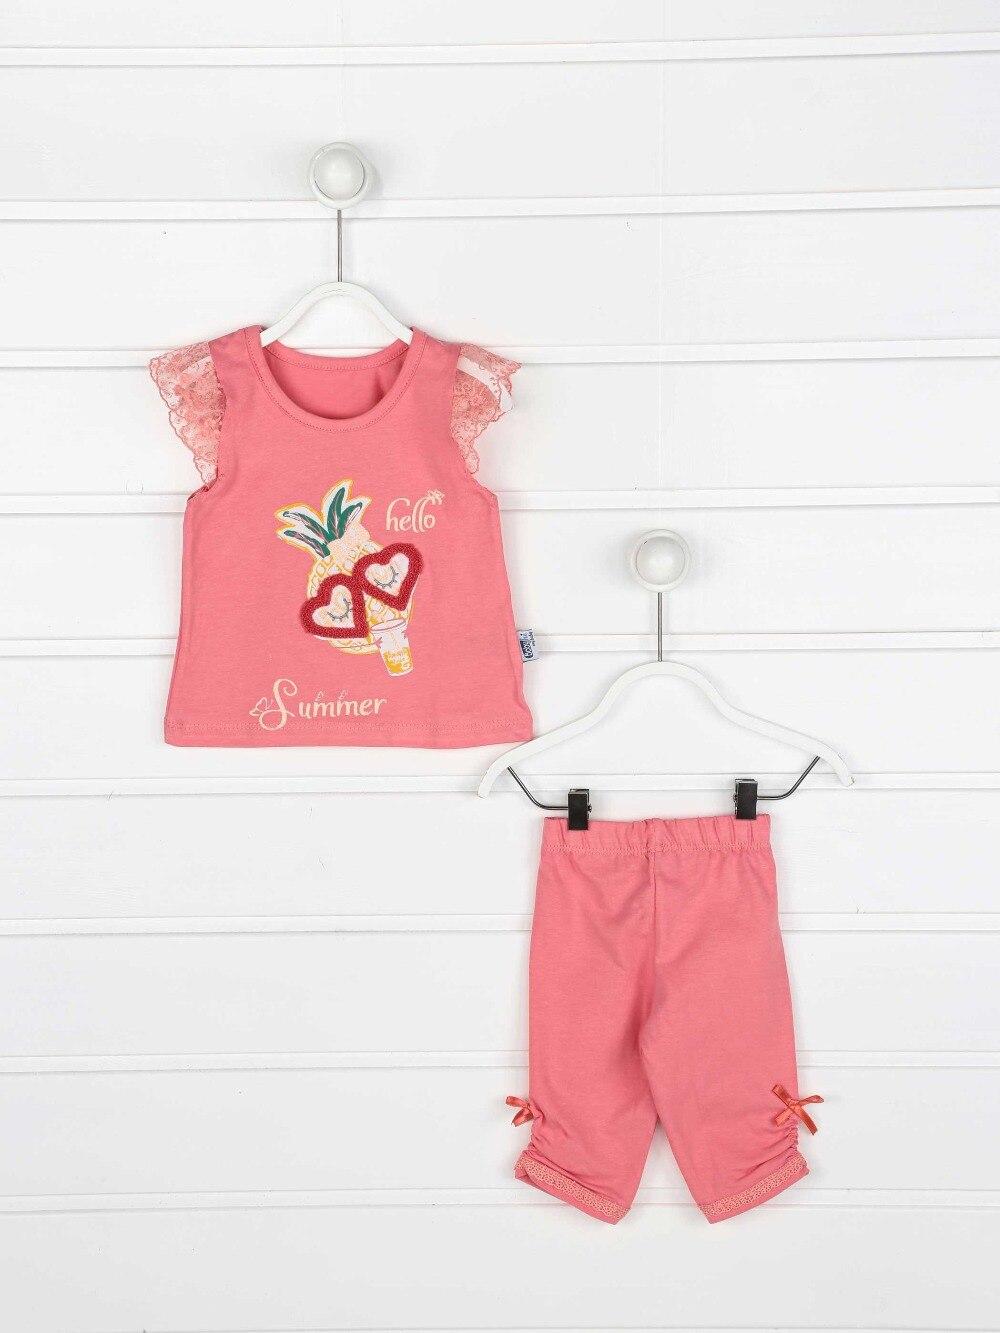 082-2221-003 Narçiçeği Yazlık Kız Bebek Taytlı Takım (1)